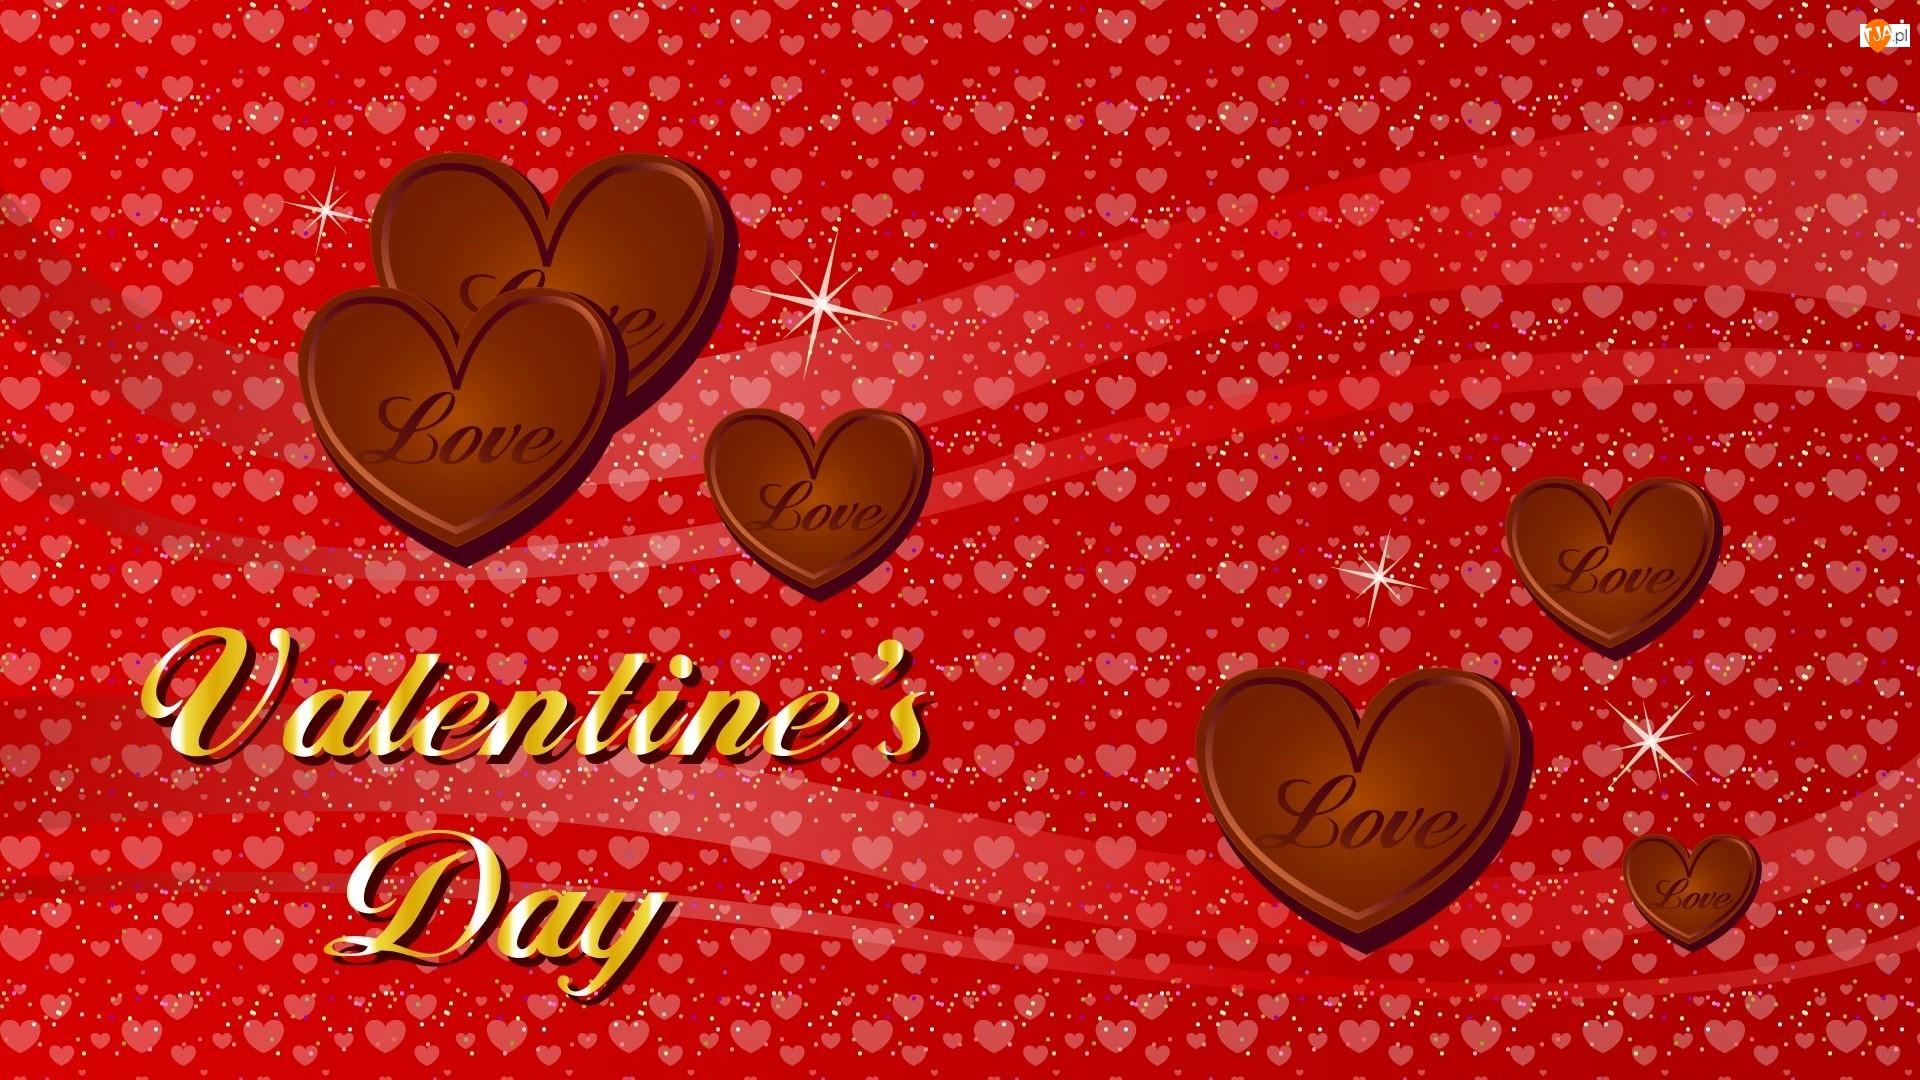 Serca, Valientines Day, Czekoladowe, Walentynki, Napis